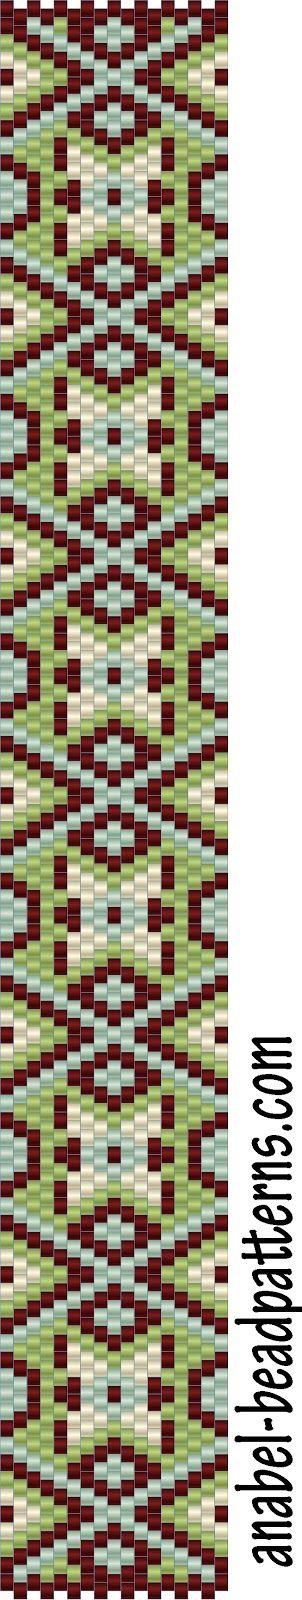 4 схемы браслетов - мозаика